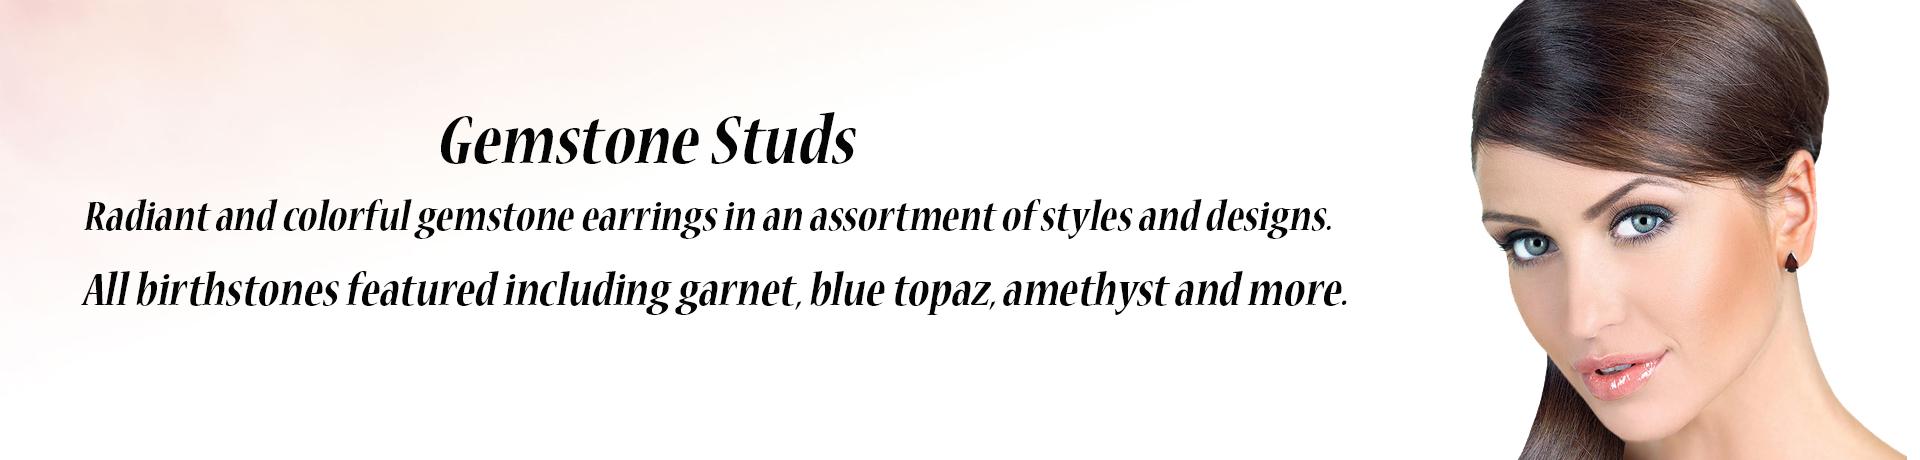 Gemstone Stud